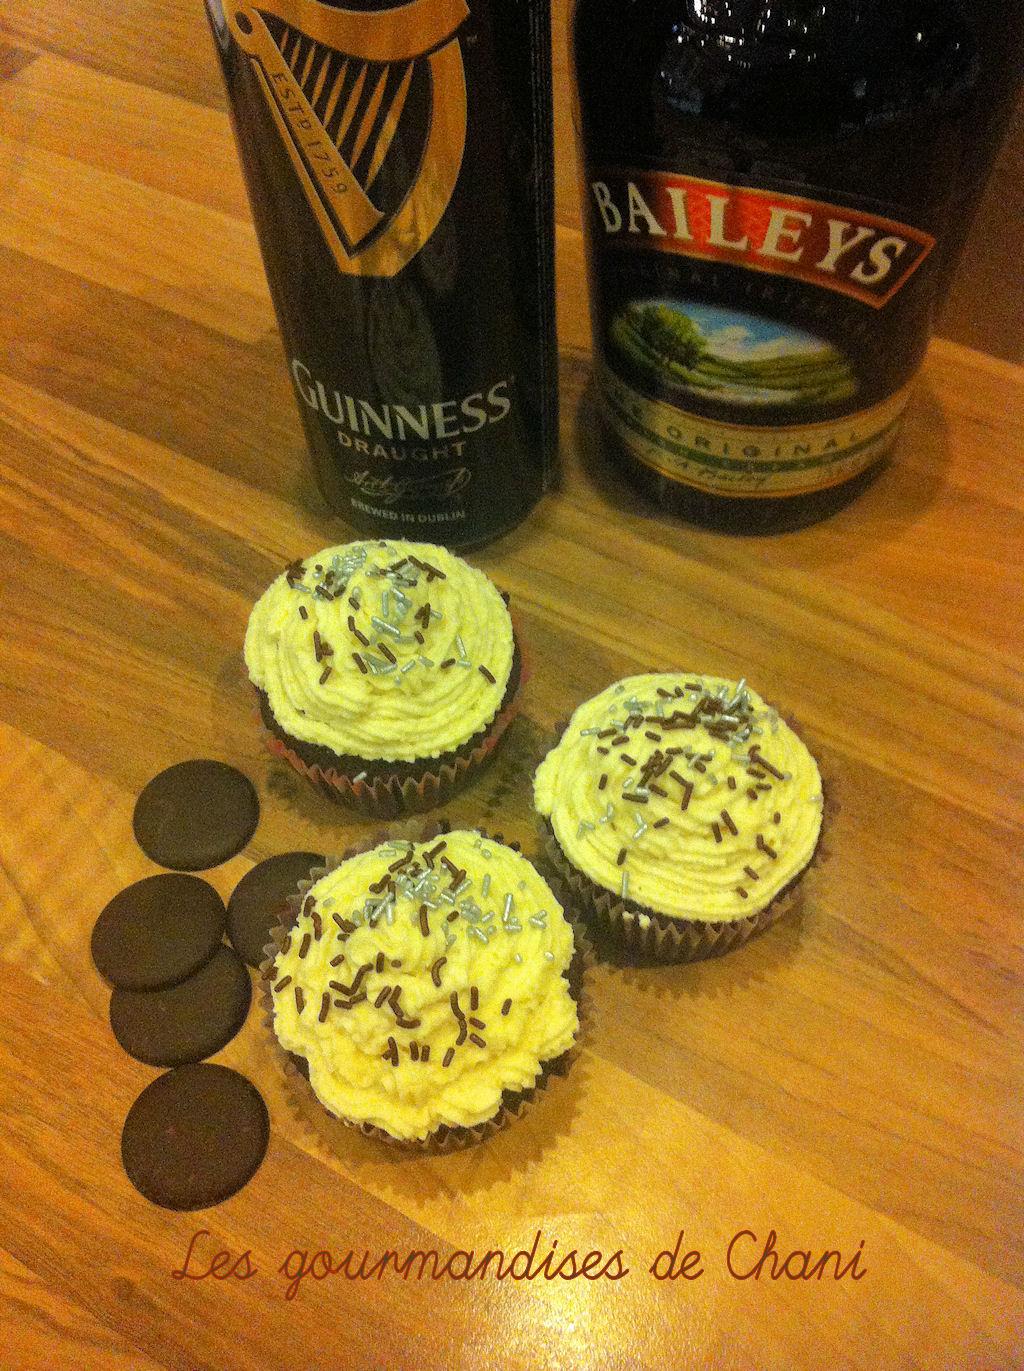 cupcakes chocolat guiness baileys